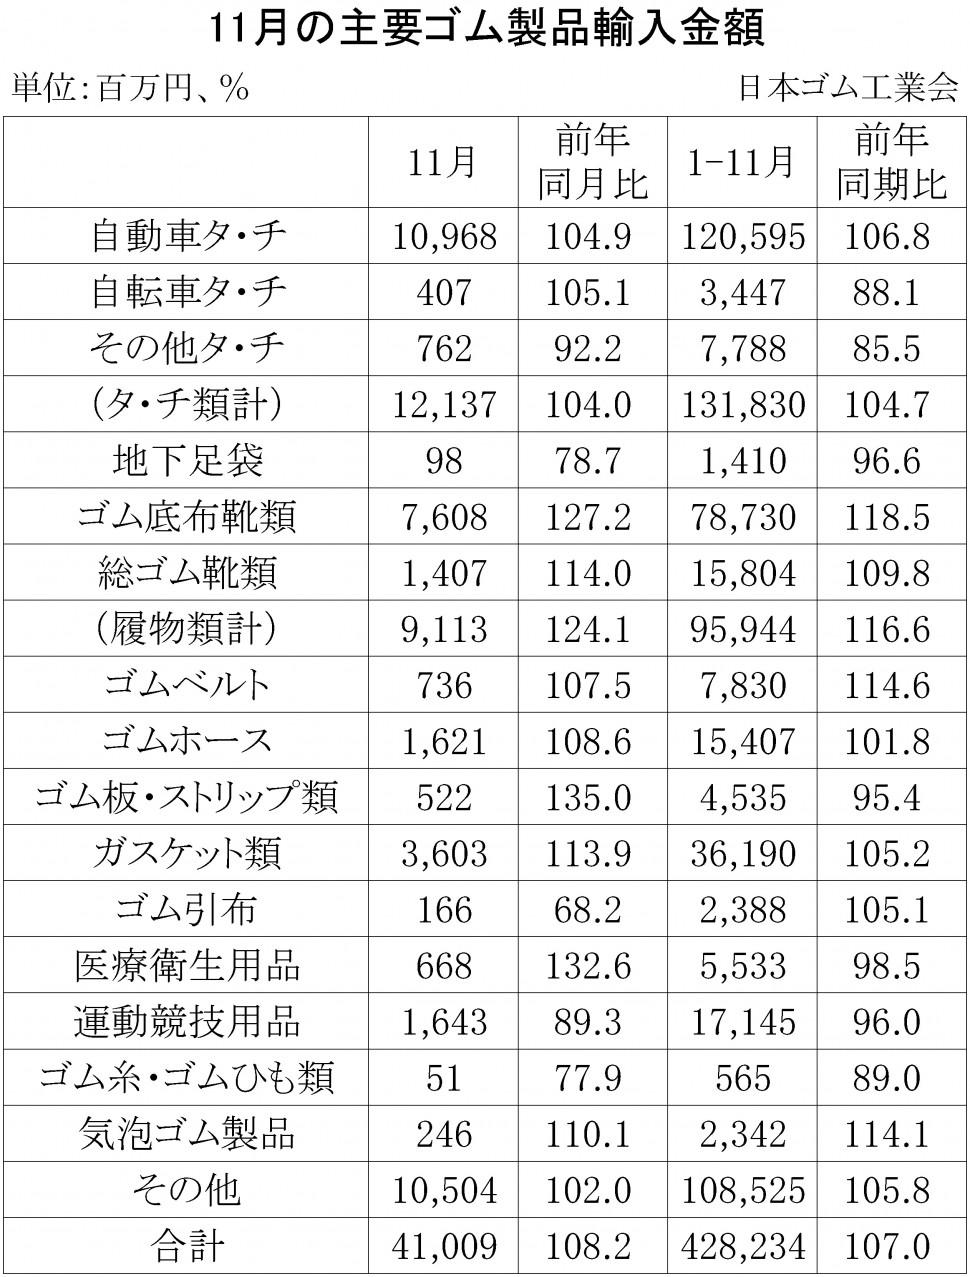 (年間使用)17-11月別-ゴム製品輸入